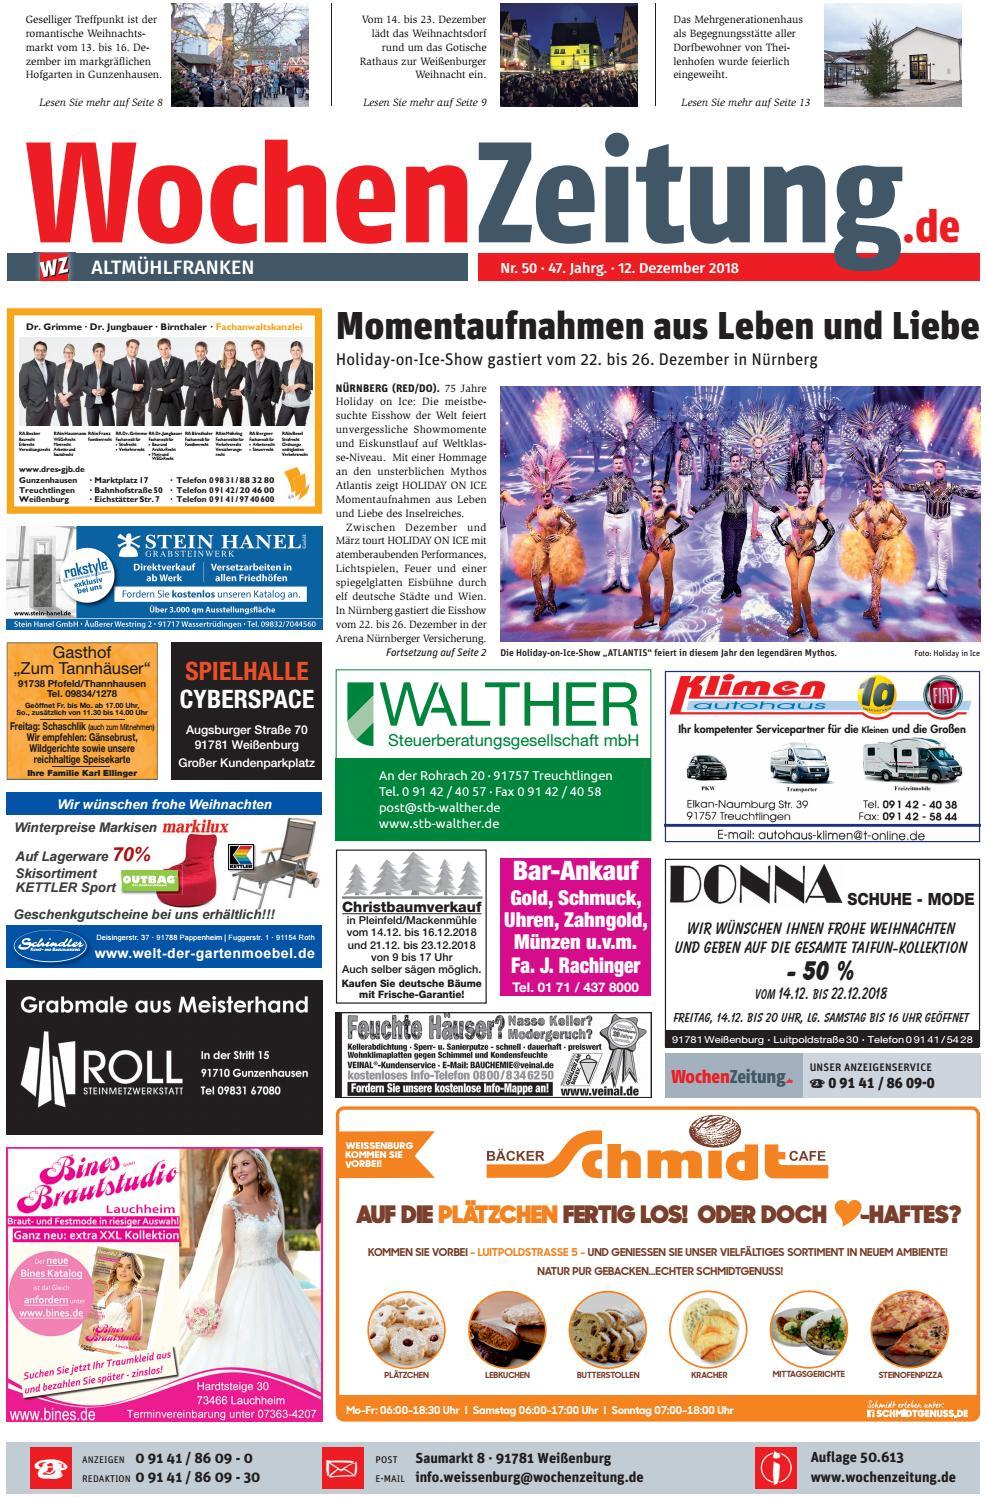 Wochenzeitung Altmuhlfranken Kw 50 18 By Wochenzeitung